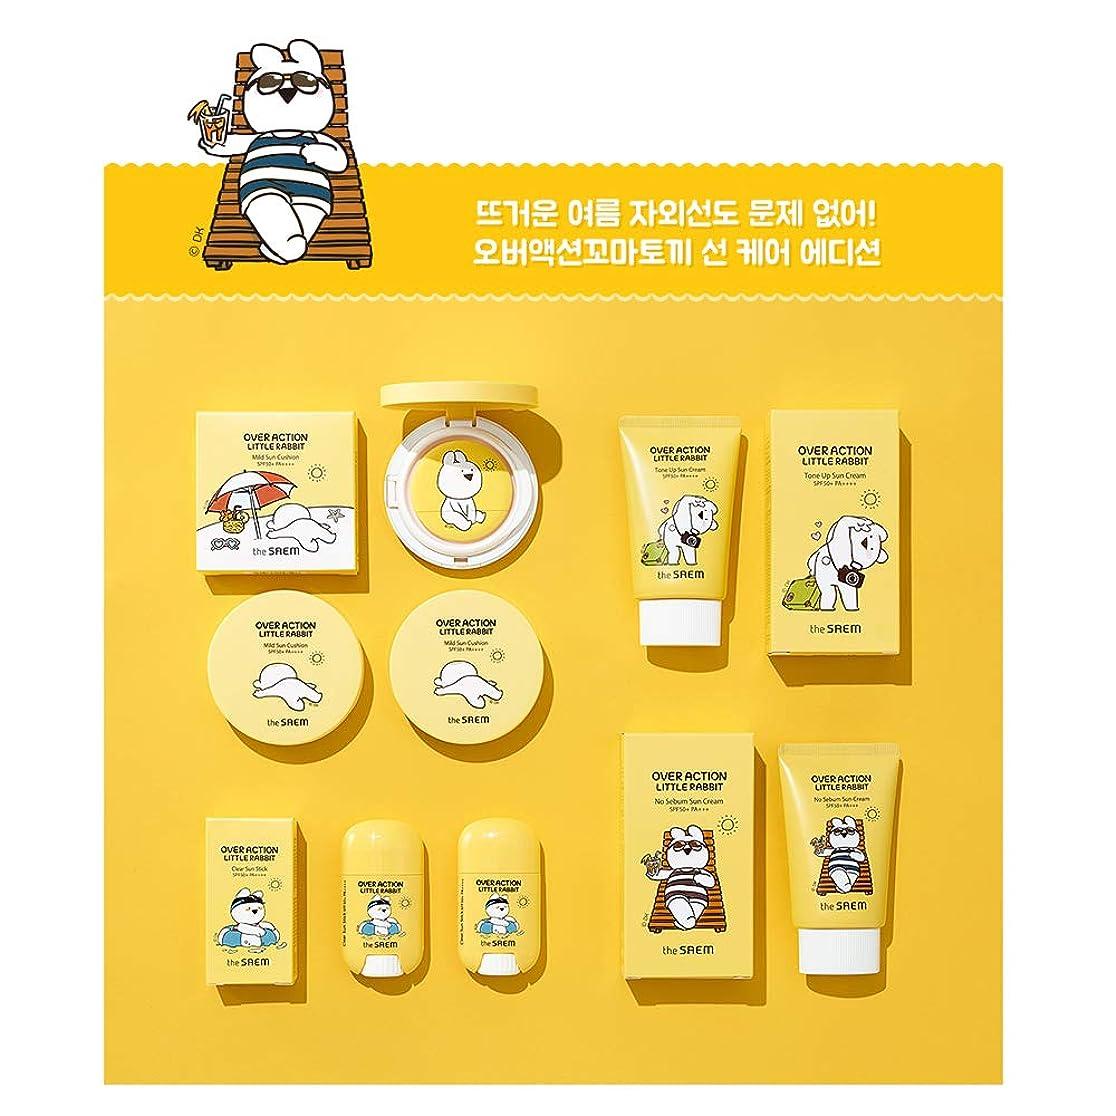 韓国語約束する明らかに【The Saem】ザセム エコ アース パワー ノーシバーム サンクリーム/Over Action Little Rabbit Edition No Sebum Sun Cream